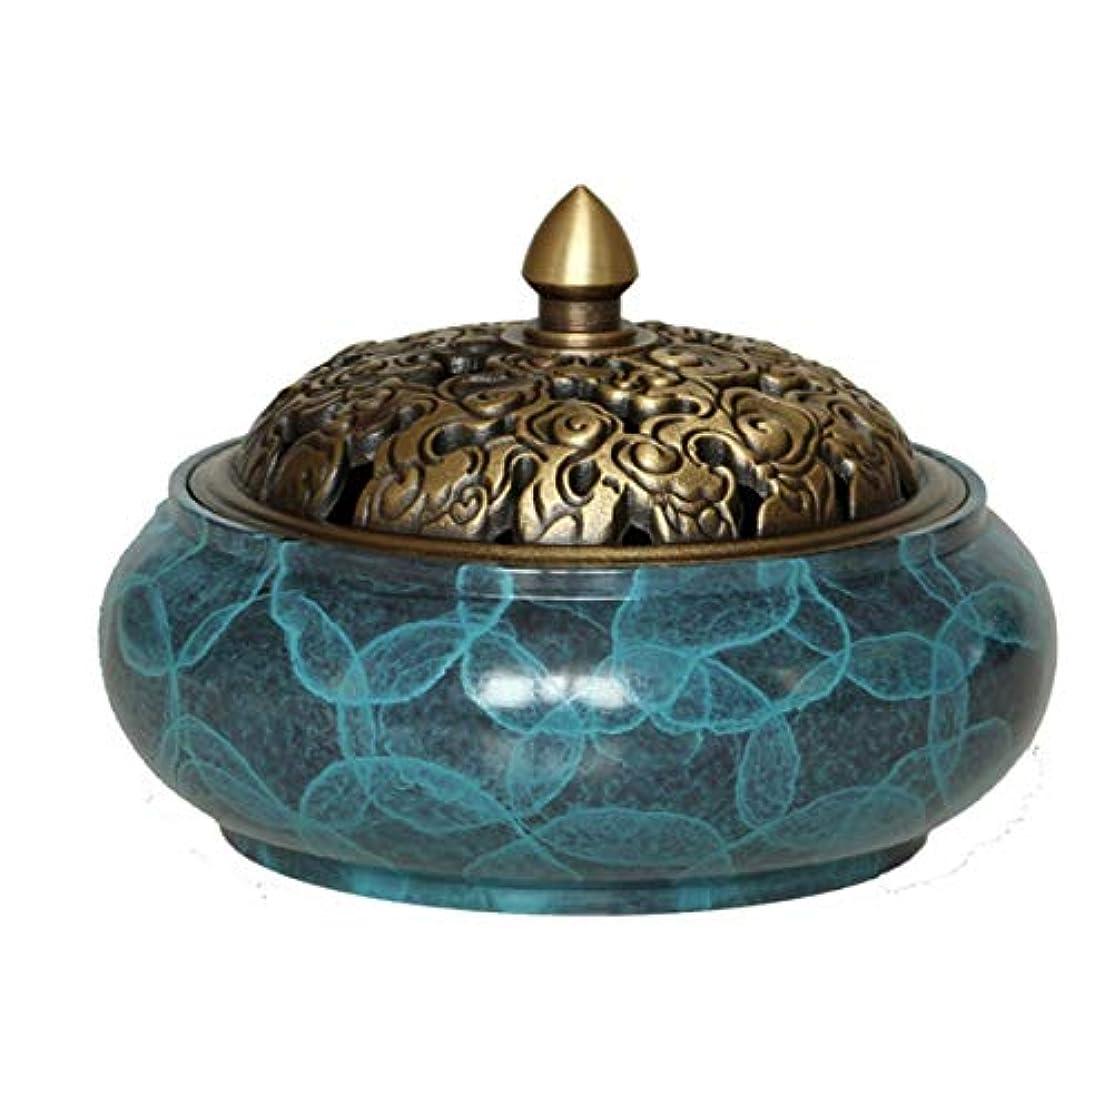 軽減するブッシュ海洋銅線香ホルダーバーナー銅製の灰キャッチャートレイボウル、家、オフィス、茶屋、瞑想、ヨガなどのための真鍮線香ホルダー